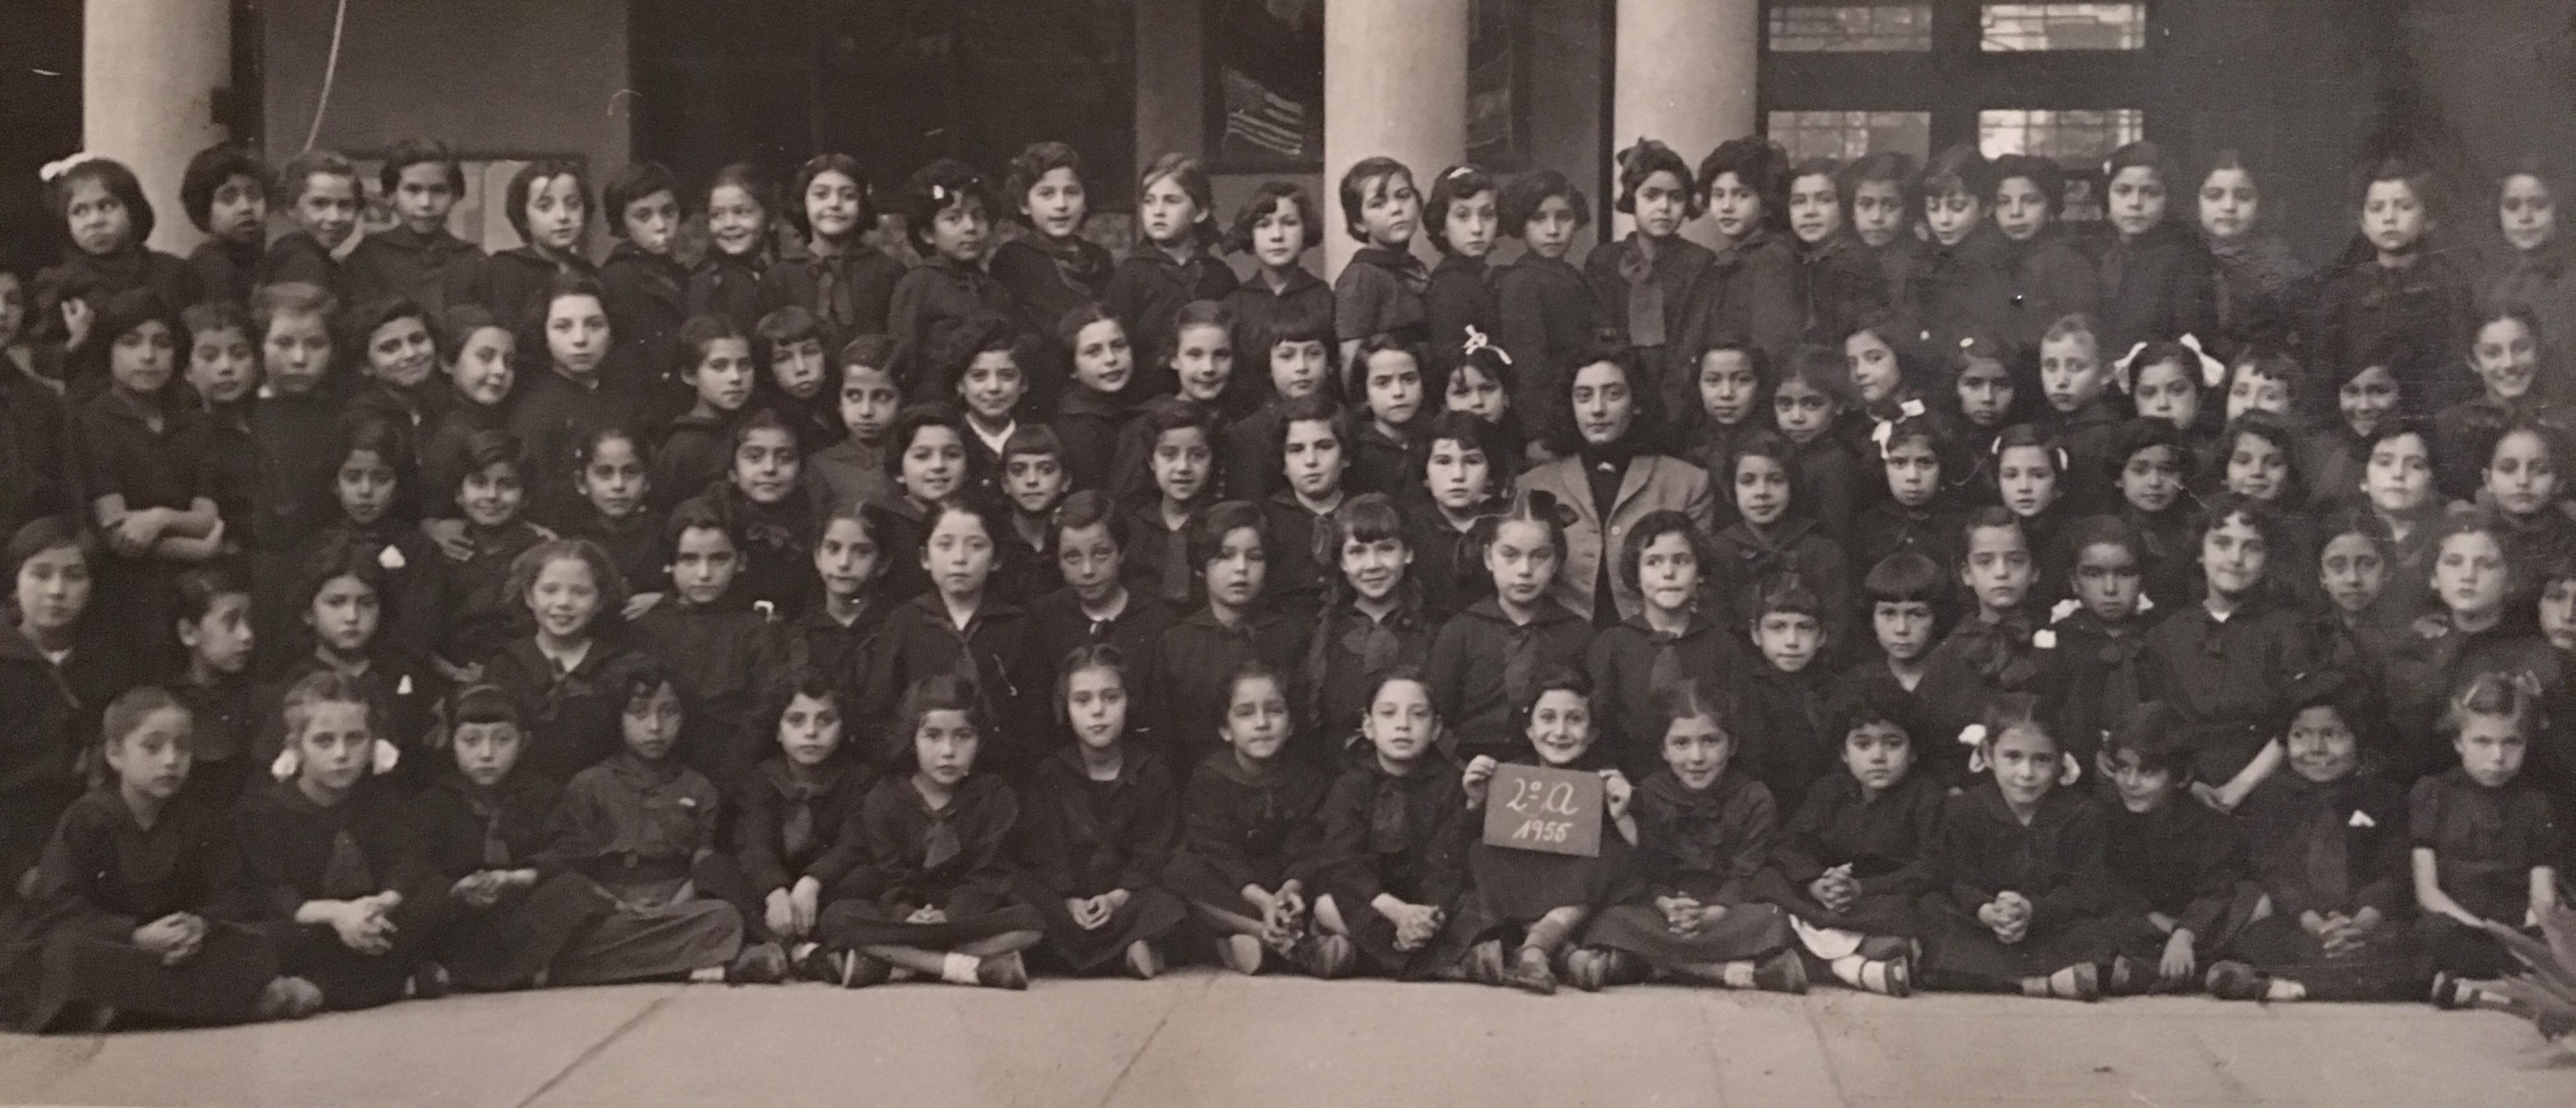 Enterreno - Fotos históricas de chile - fotos antiguas de Chile - Colegio Francisco Arriaran, 1955